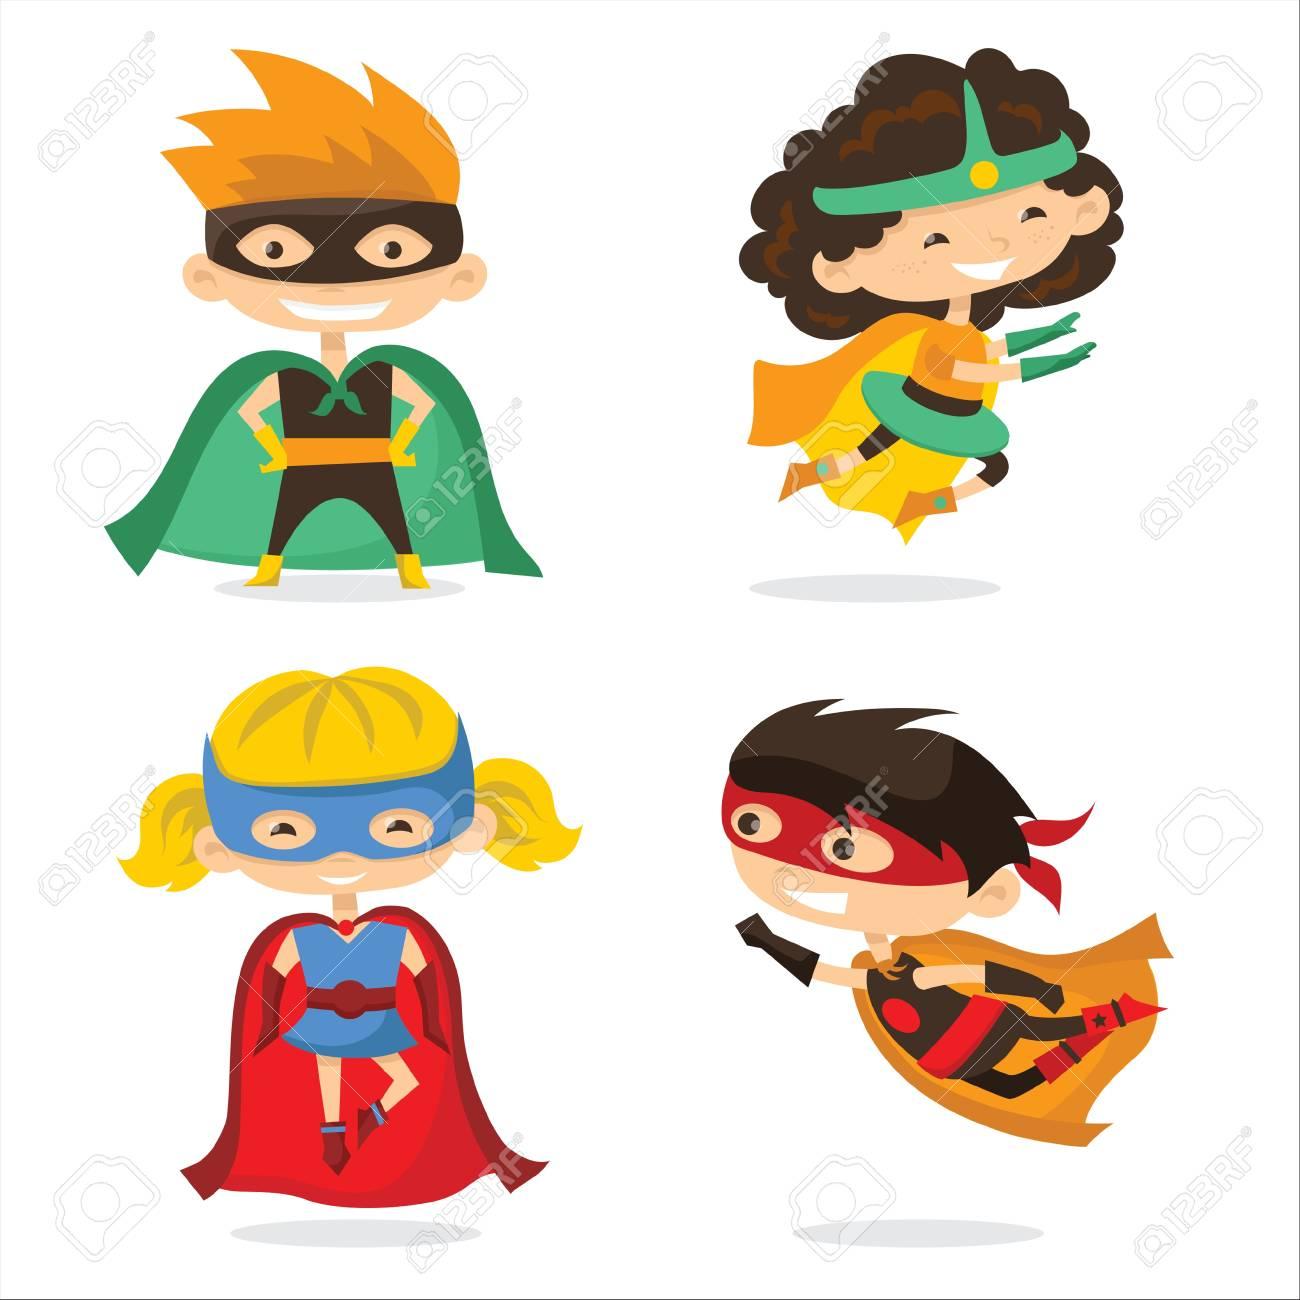 Ilustración De Vector De Dibujos Animados De Niños Superhéroes  Ilustraciones Vectoriales, Clip Art Vectorizado Libre De Derechos. Image  91873576.